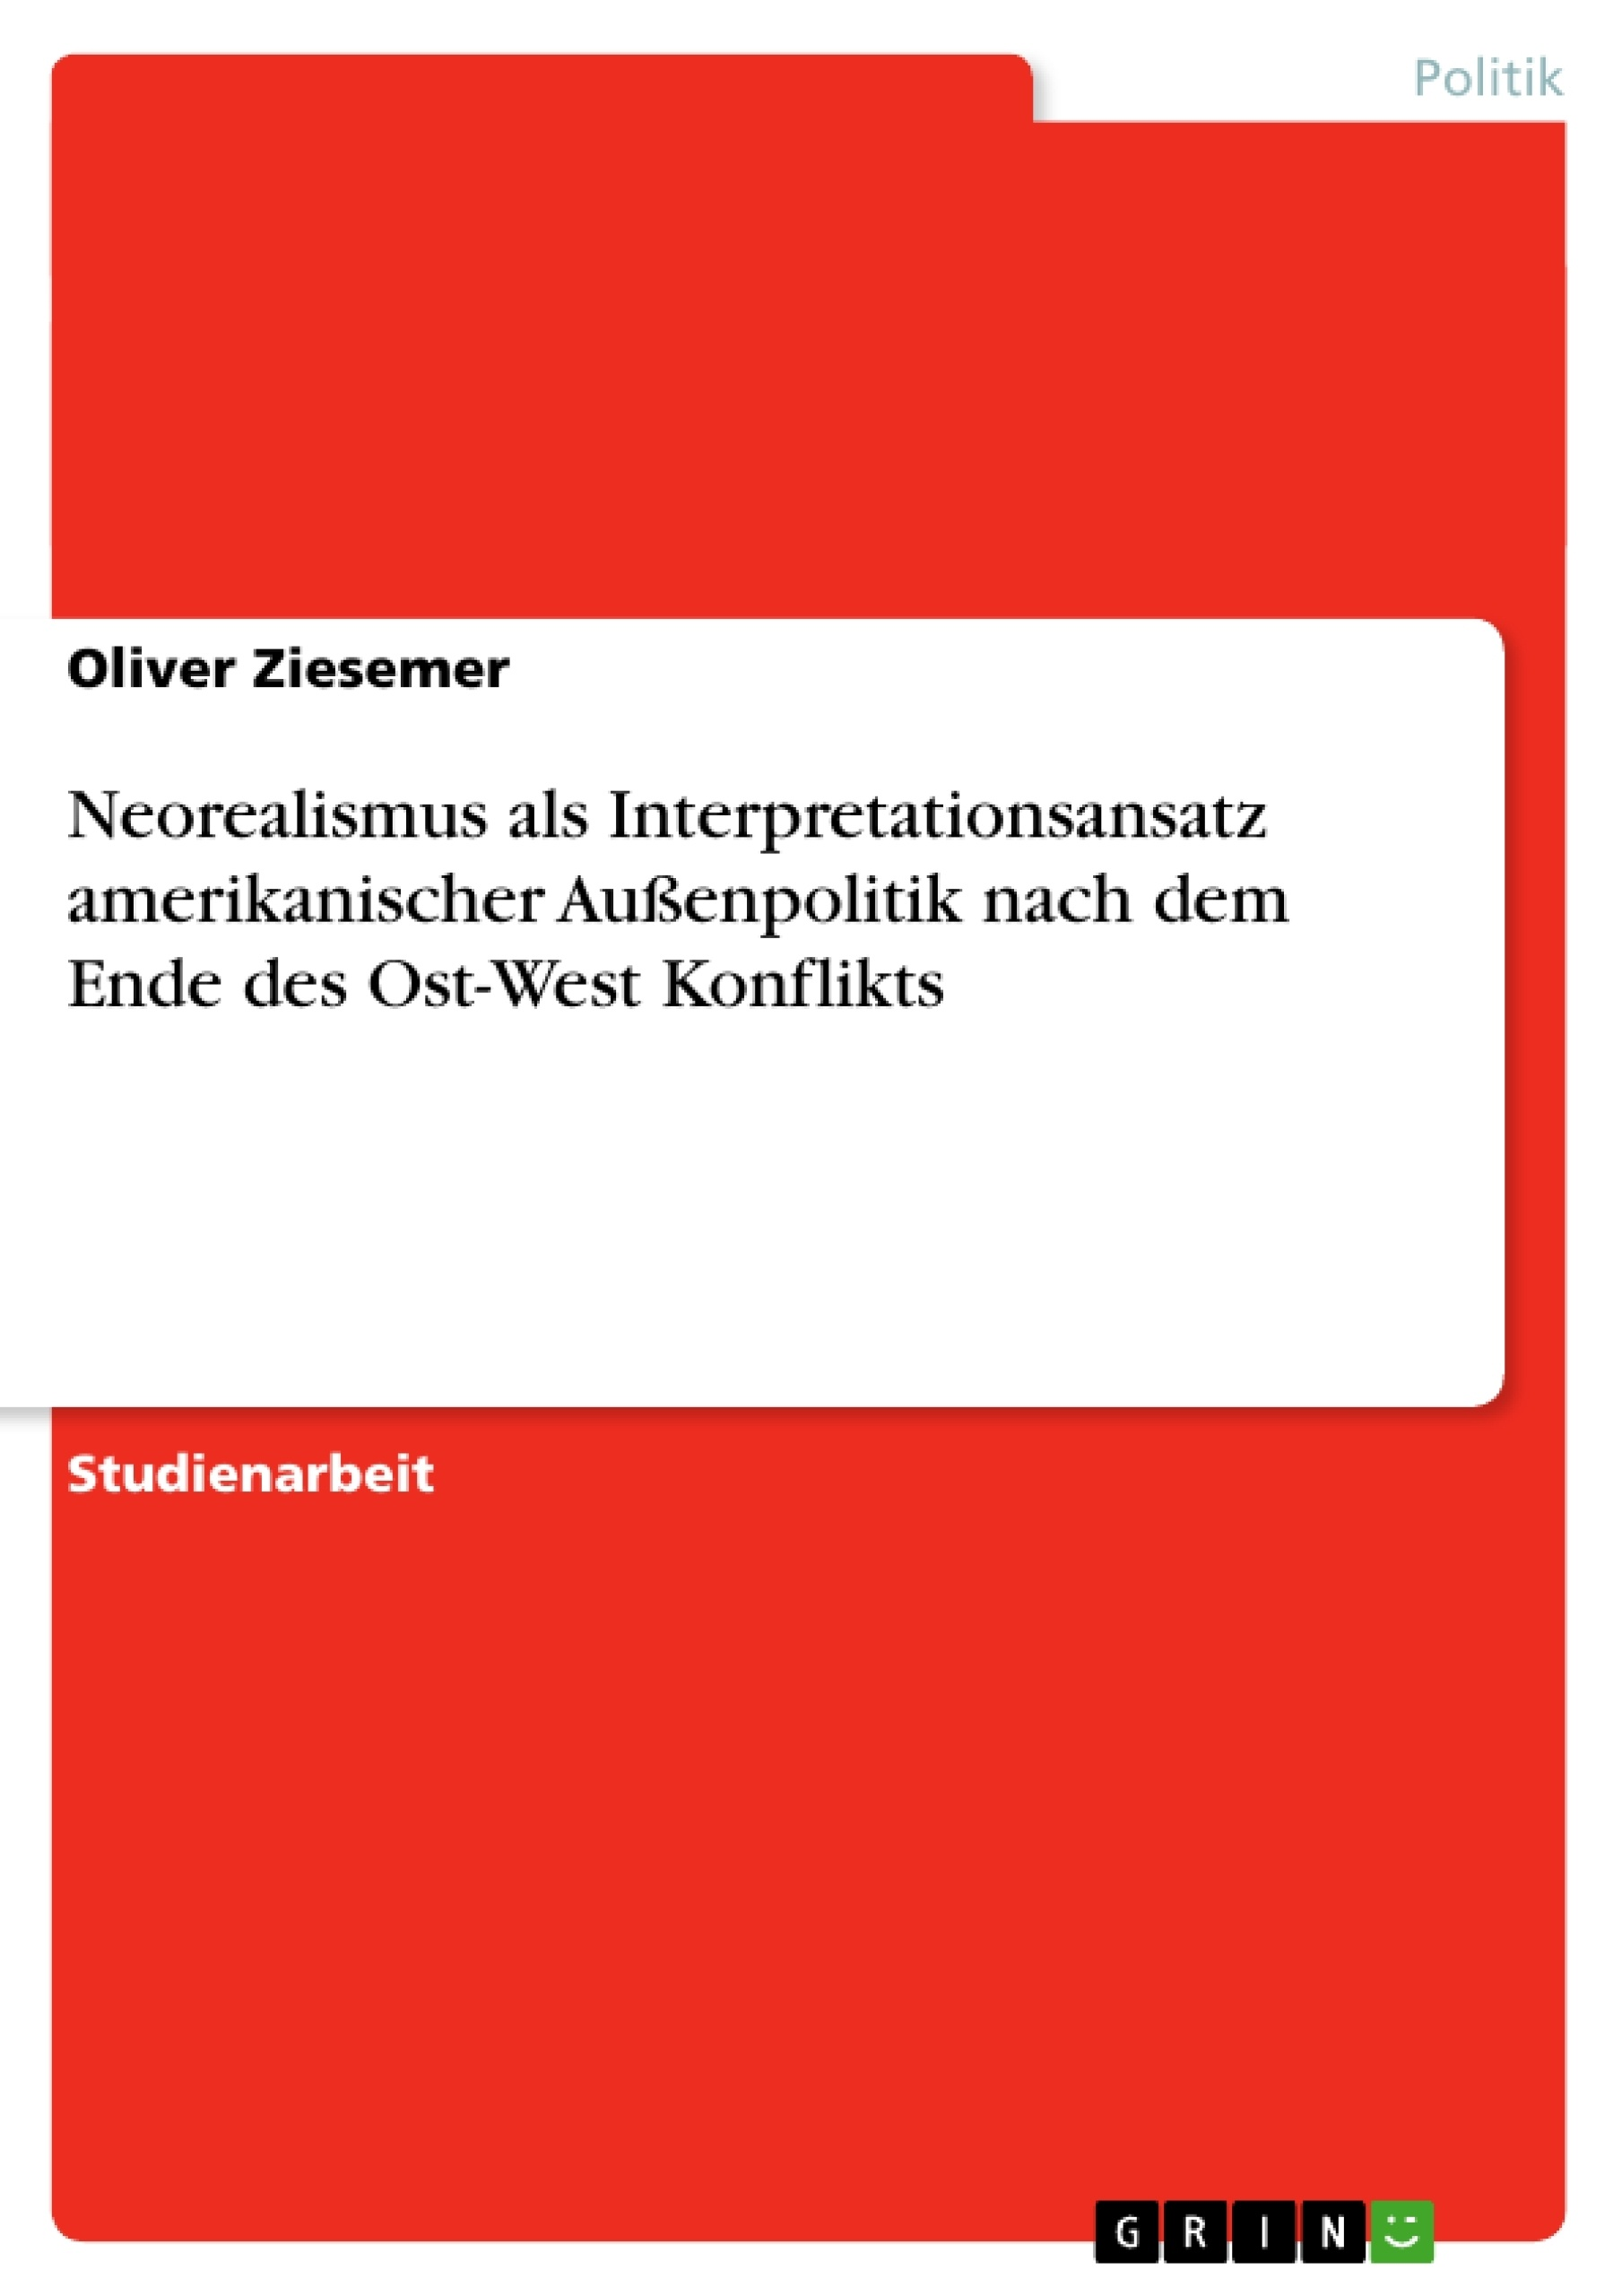 Titel: Neorealismus als Interpretationsansatz amerikanischer Außenpolitik nach dem Ende des Ost-West Konflikts